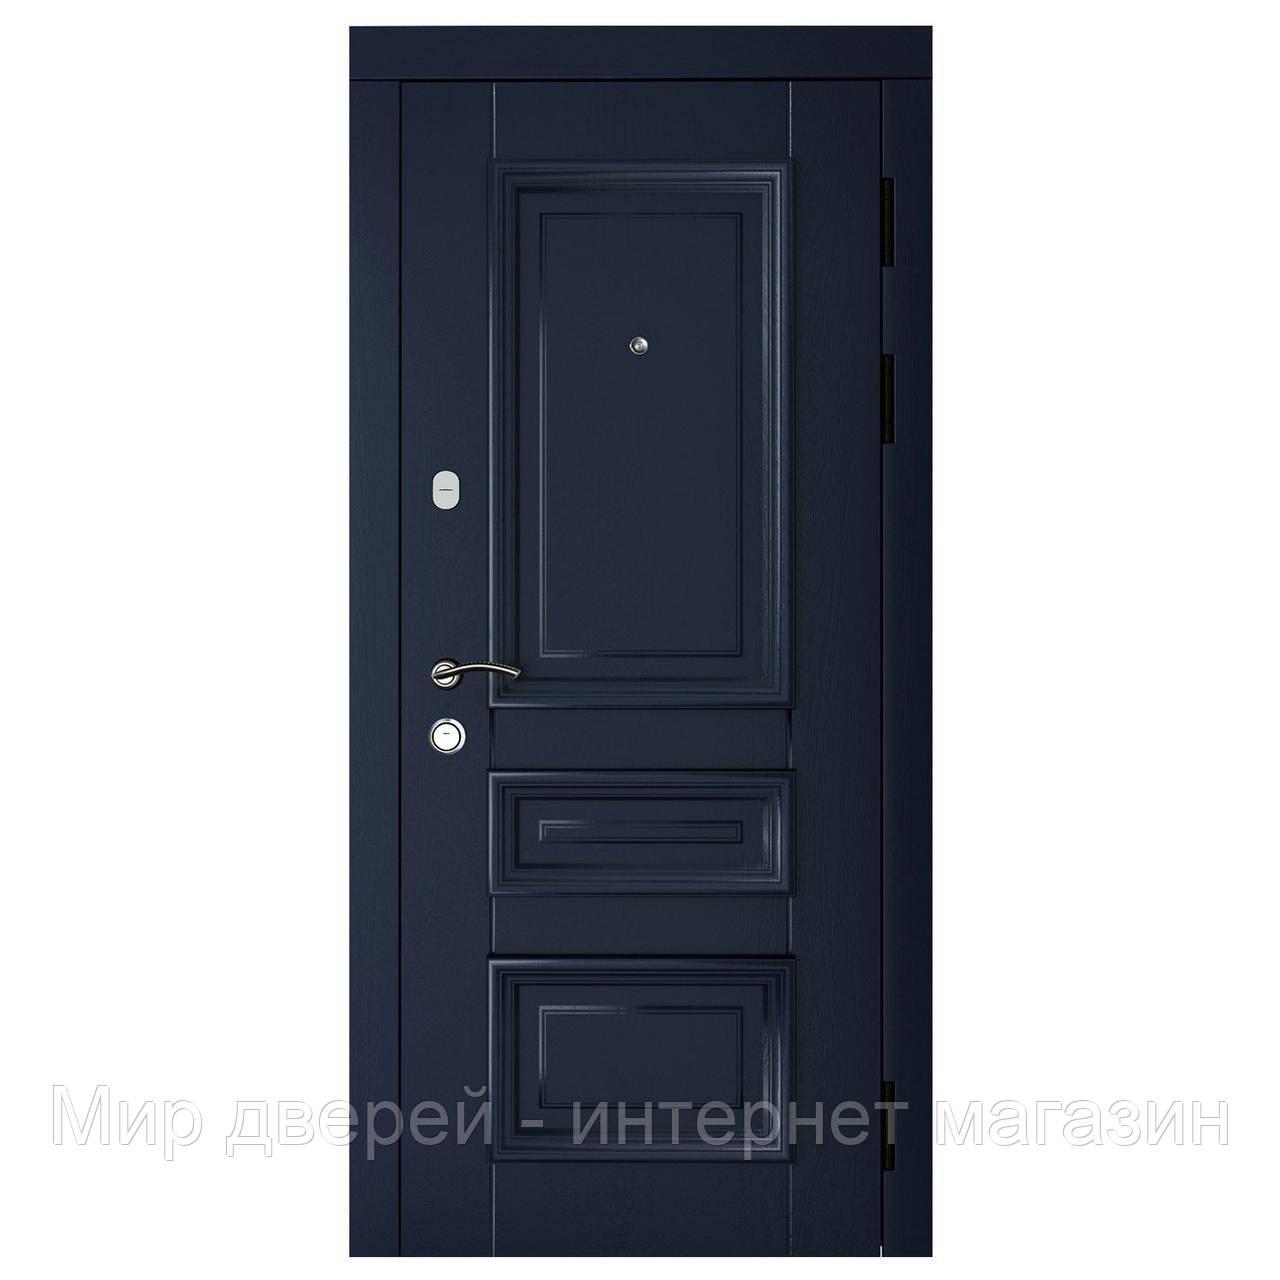 Двери входные KASKAD ART Юлия Комфорт